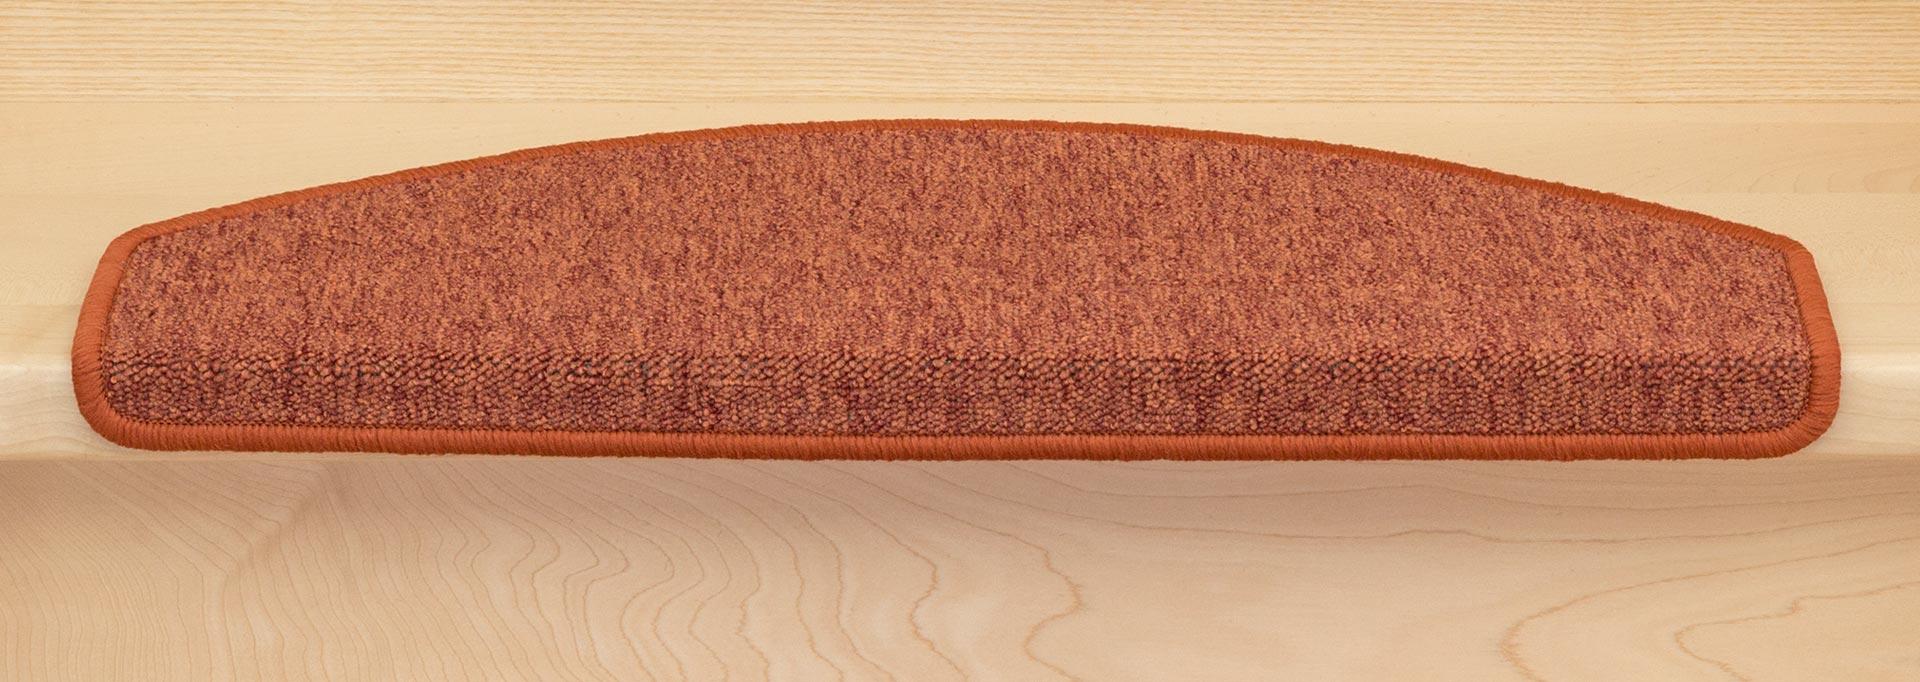 Stufenmatten-Rambo-New-versch-Farb-u-Set-Varianten-10-30-Stk-amp-Fleckentferner Indexbild 20